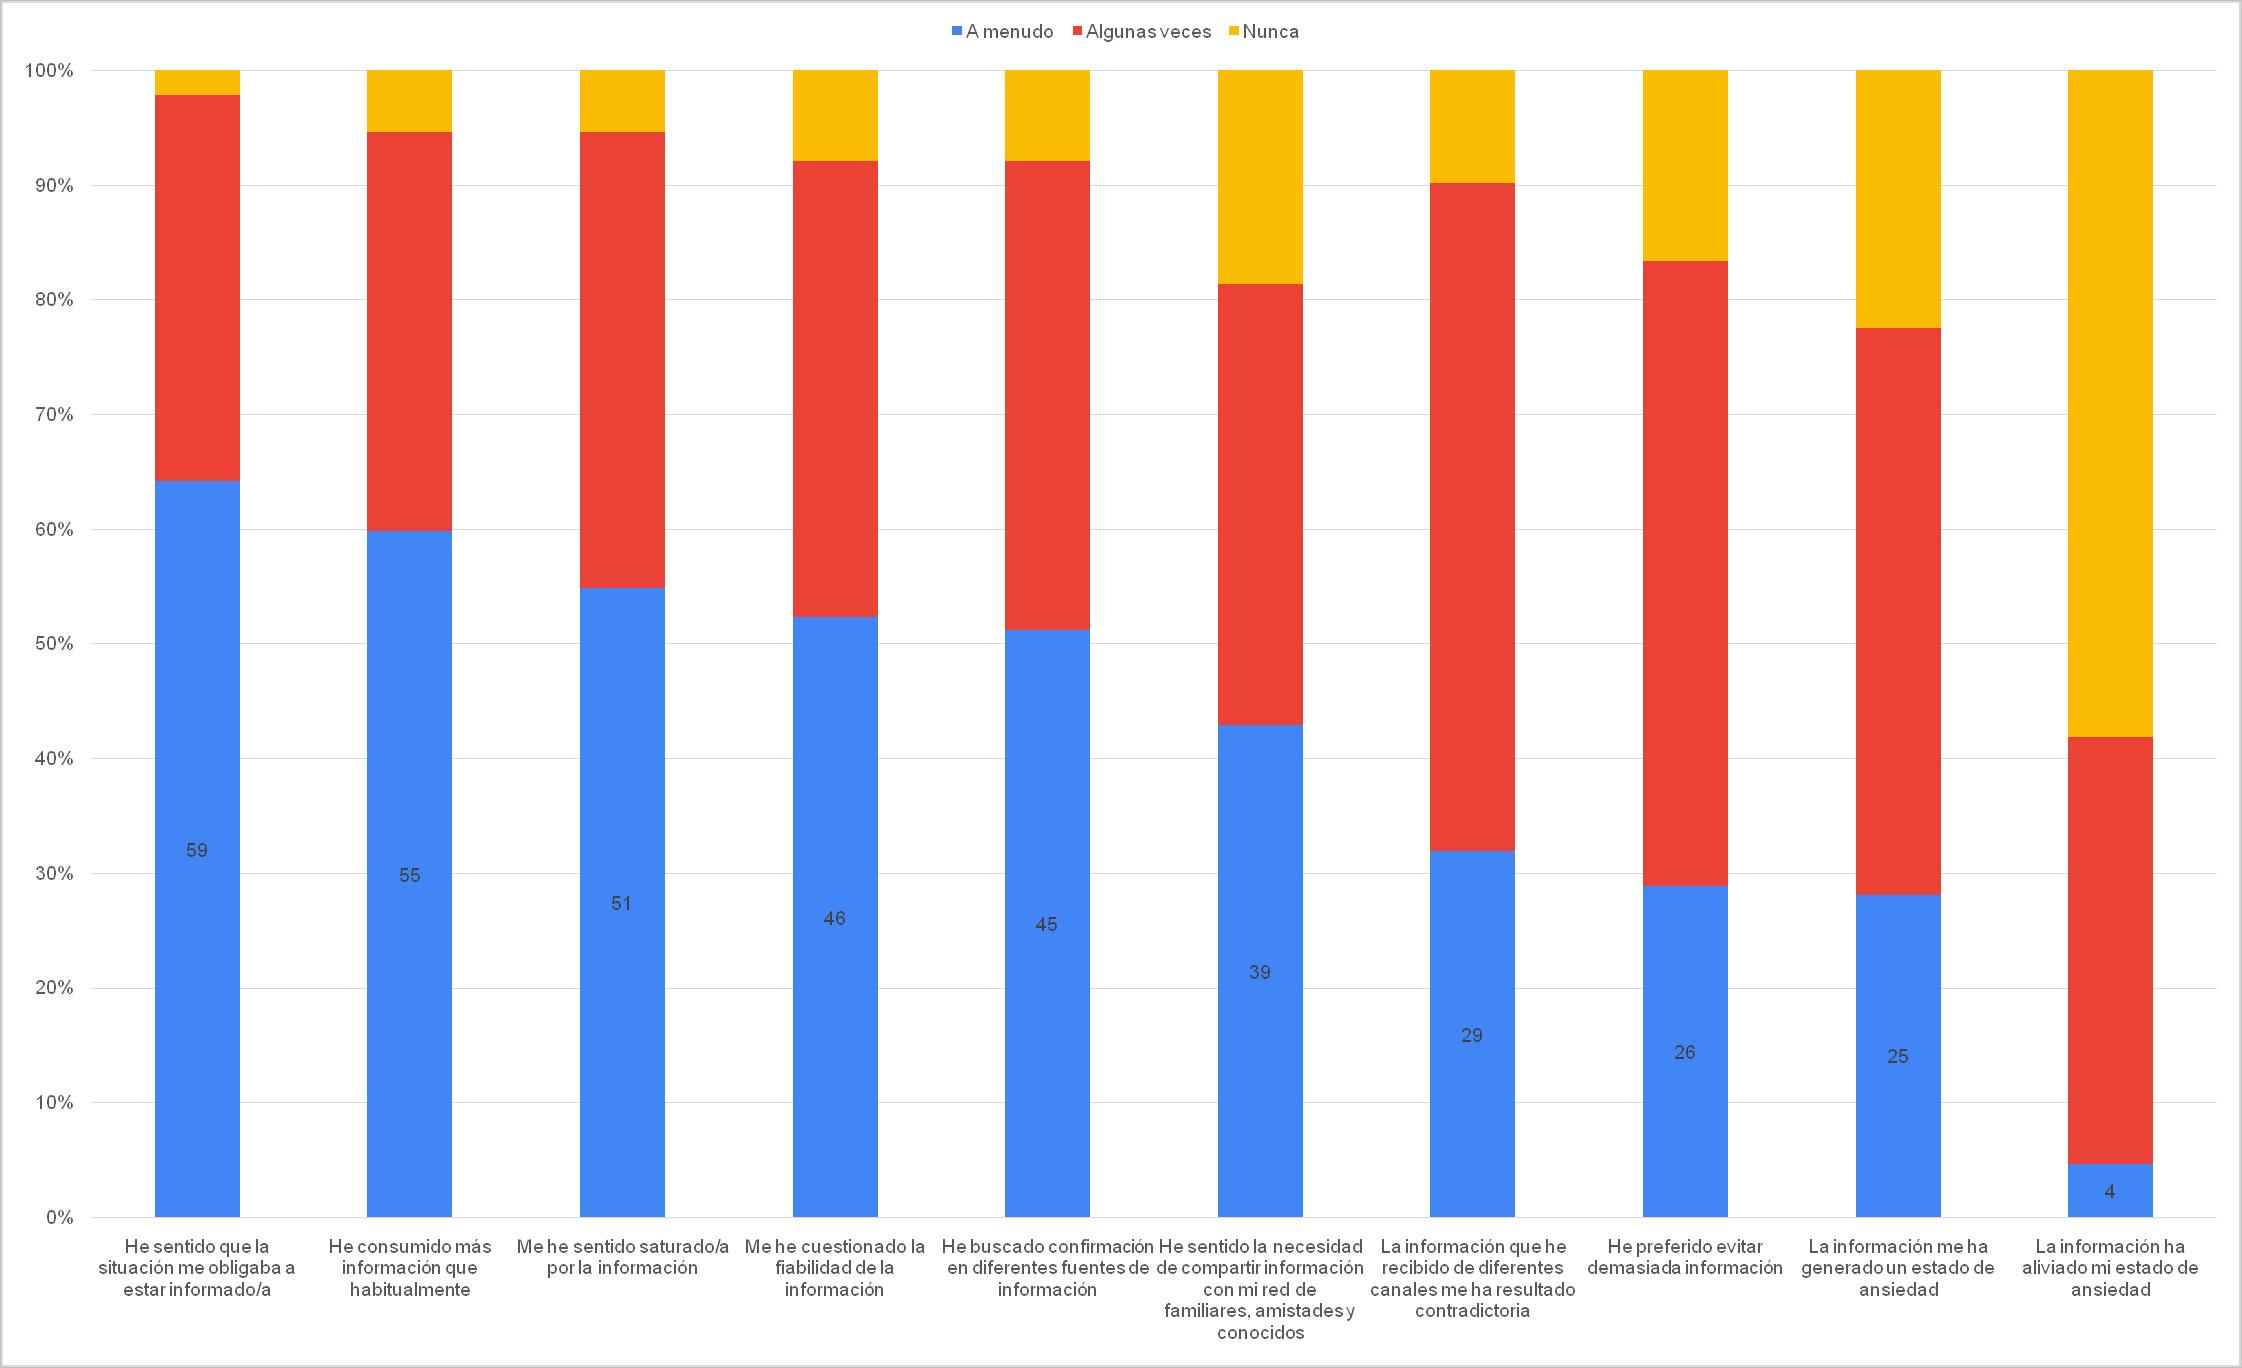 Figura 5. Frecuencia de ciertas situaciones en el comportamiento informacional de los encuestados